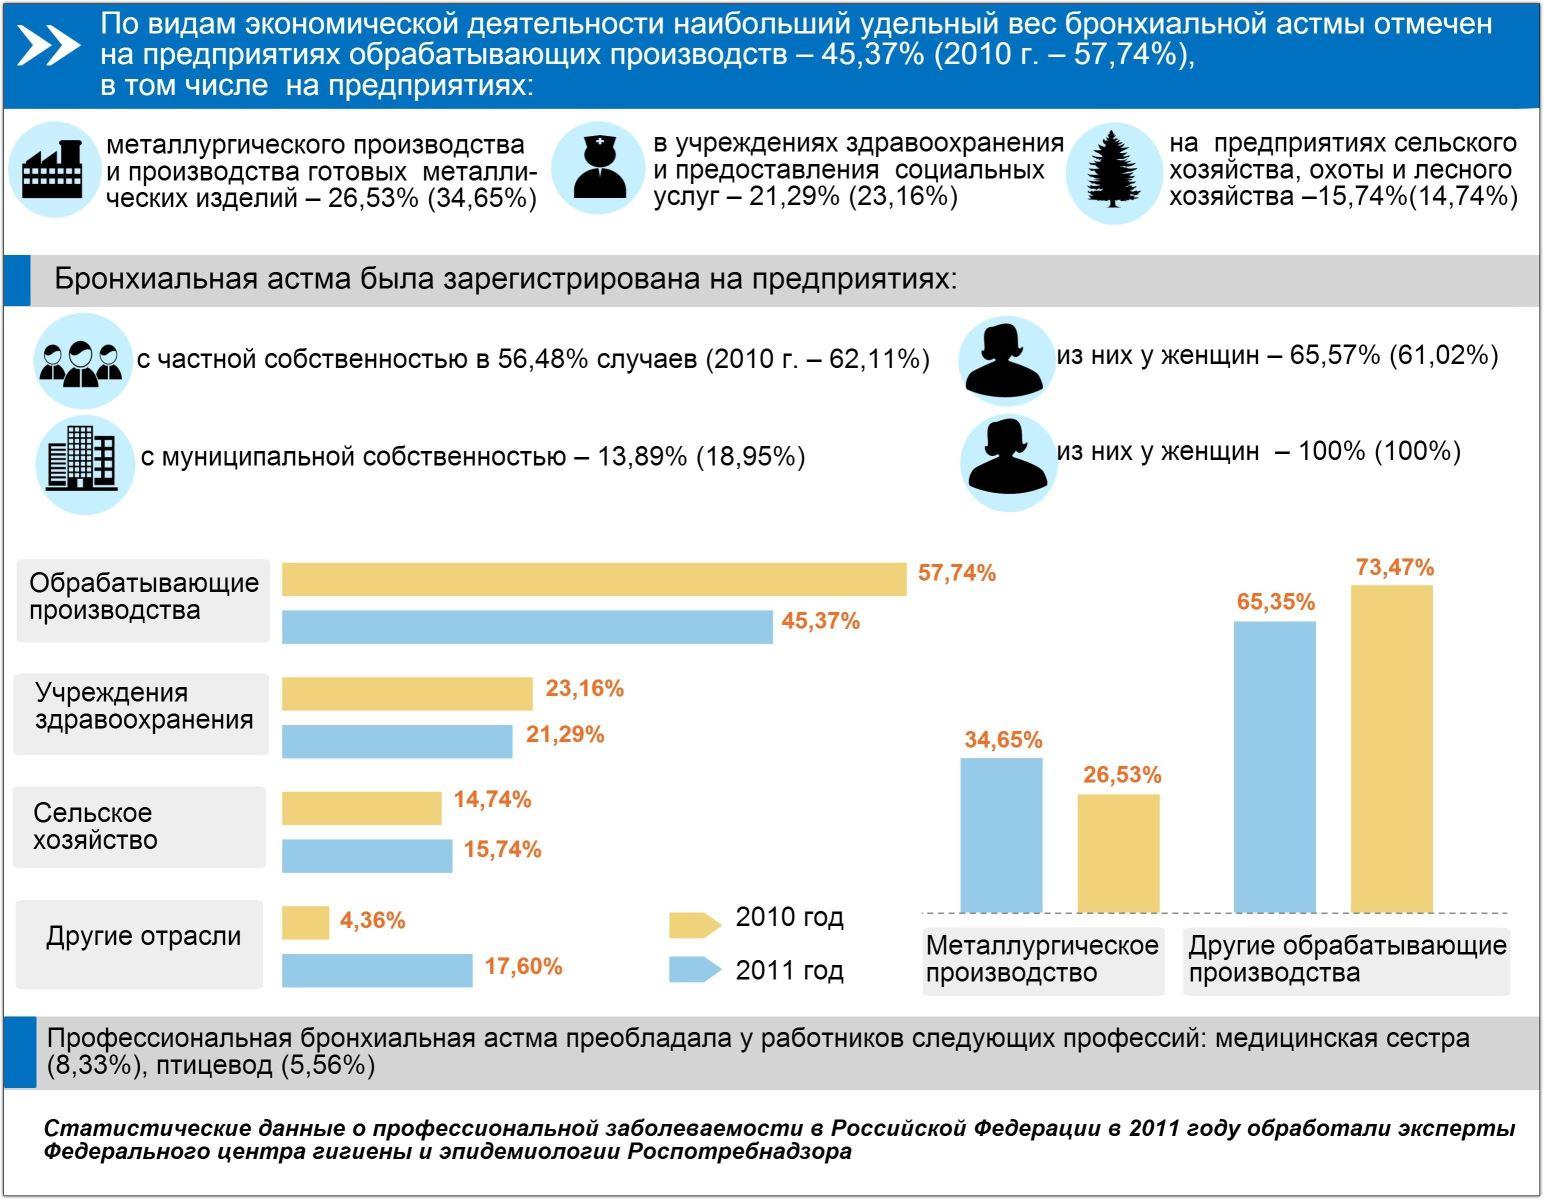 бронхиальная астма статистика заболеваемости